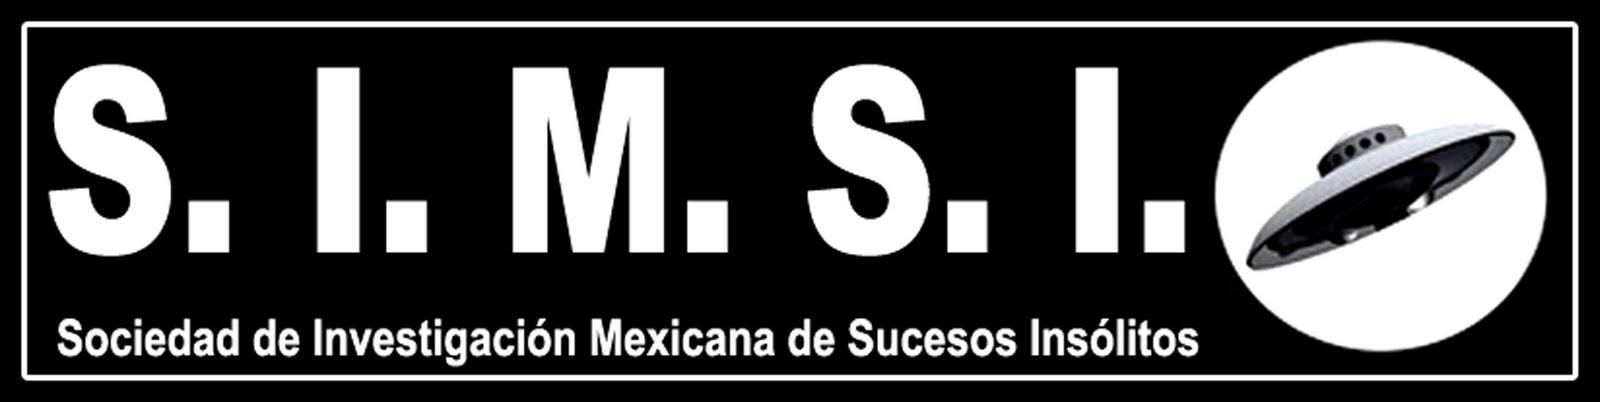 S. I. M. S. I.